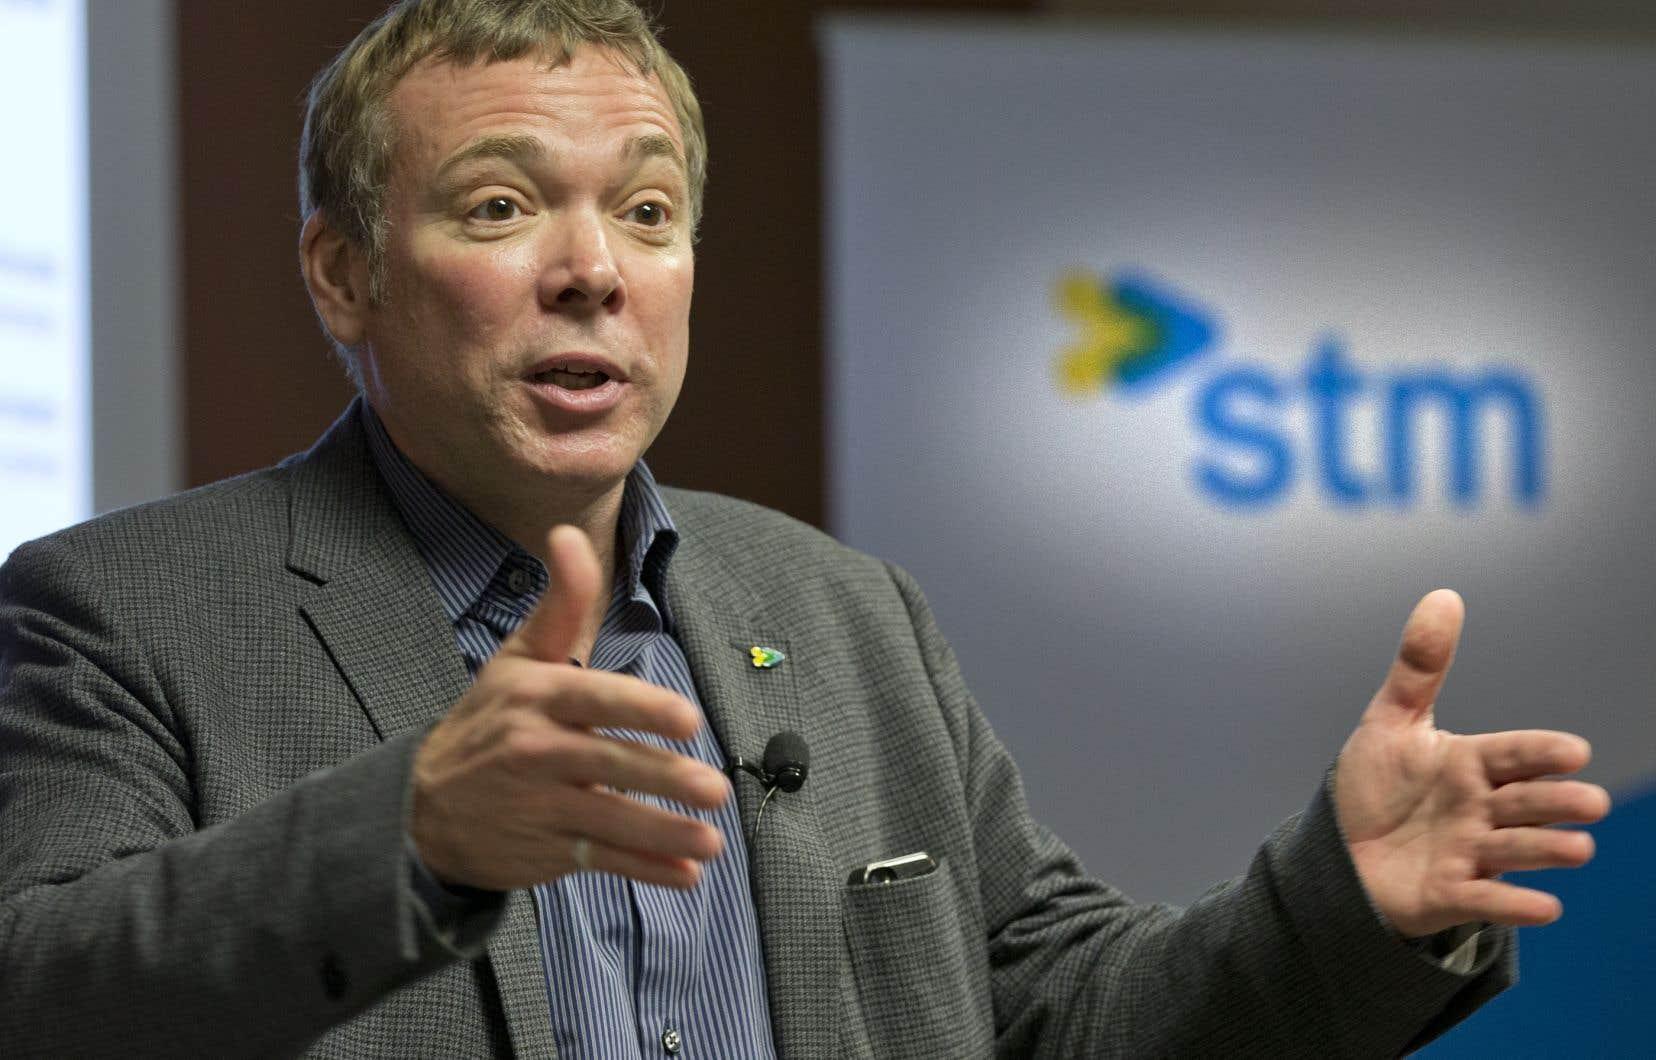 Journaliste pendant 27ans à Radio-Canada, Philippe Schnobb s'était lancé dans l'arène politique en 2013, avant d'êtrenommé à la tête de la STM par Denis Coderre.